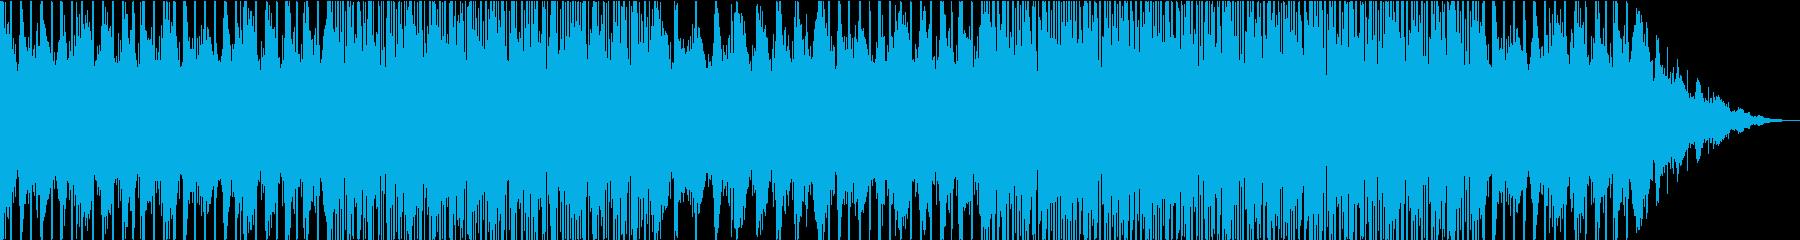 朝活・爽やか・やる気・リラックス・海♫の再生済みの波形